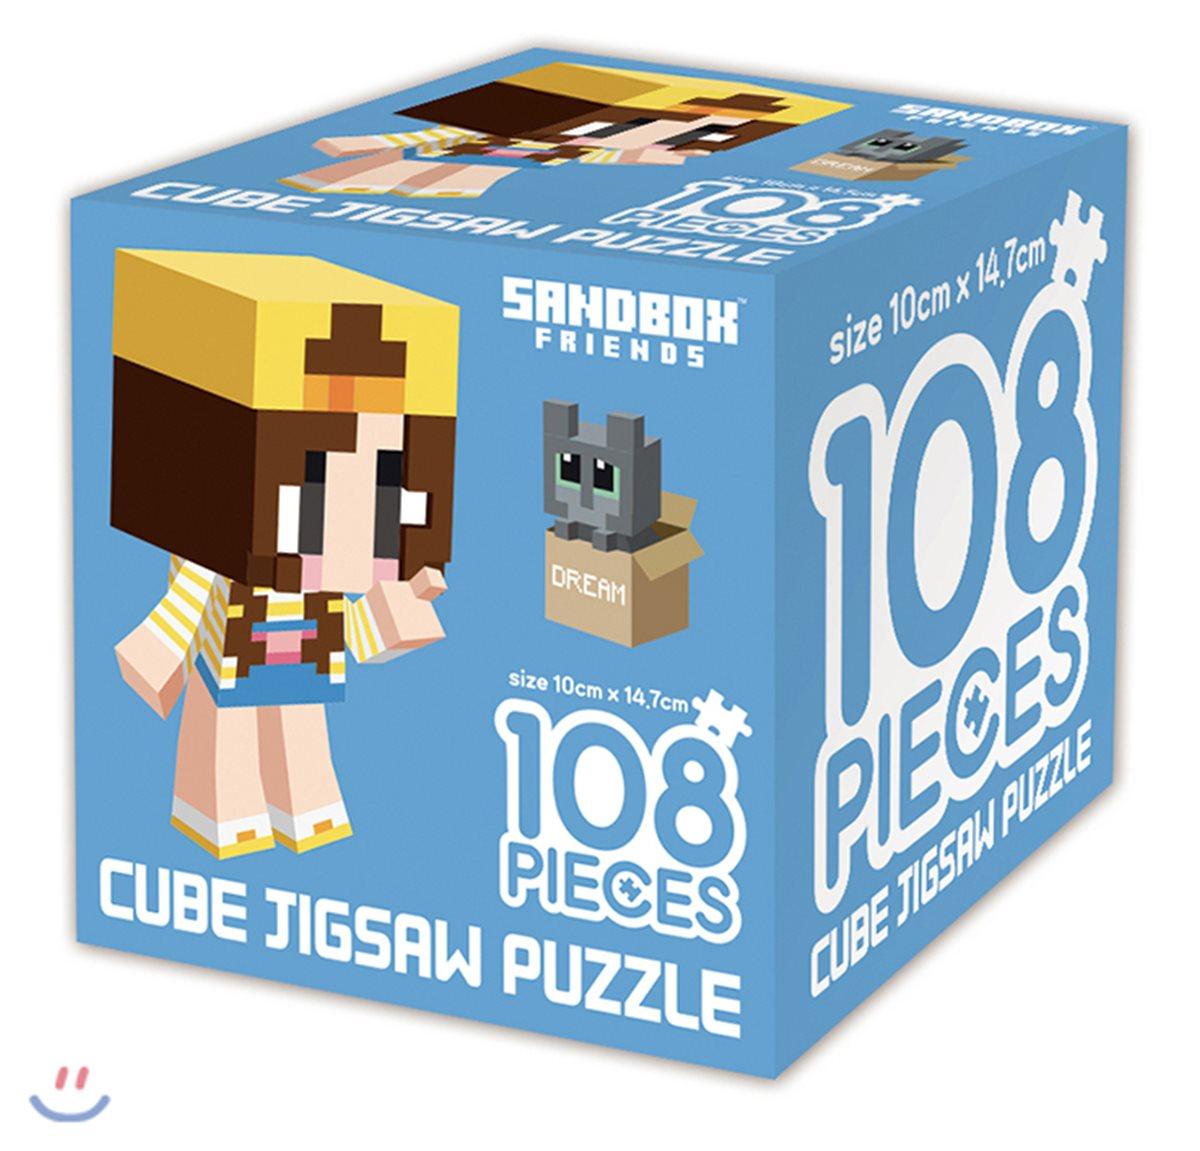 샌드박스 프렌즈 큐브 직소퍼즐 108 잠뜰과 고양이